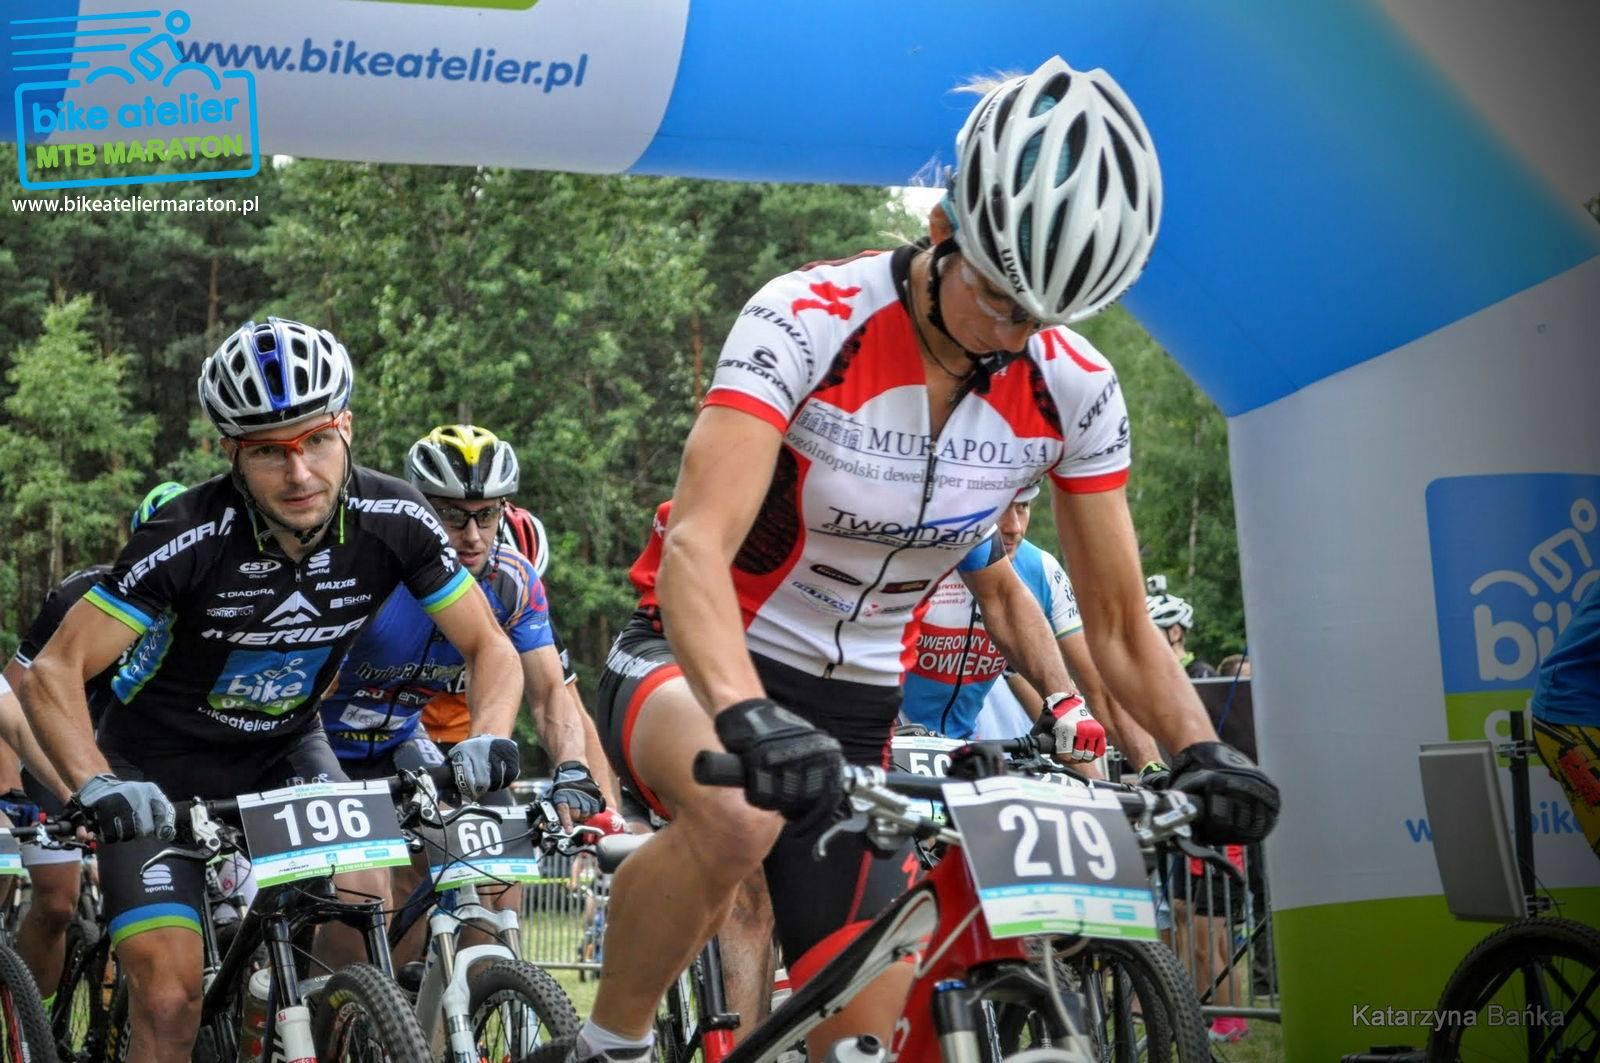 Ewa Rebane Sodowska – (Twomark Sport Specialized) – Bike Atelier MTB Maraton – Dąbrowa Górnicza